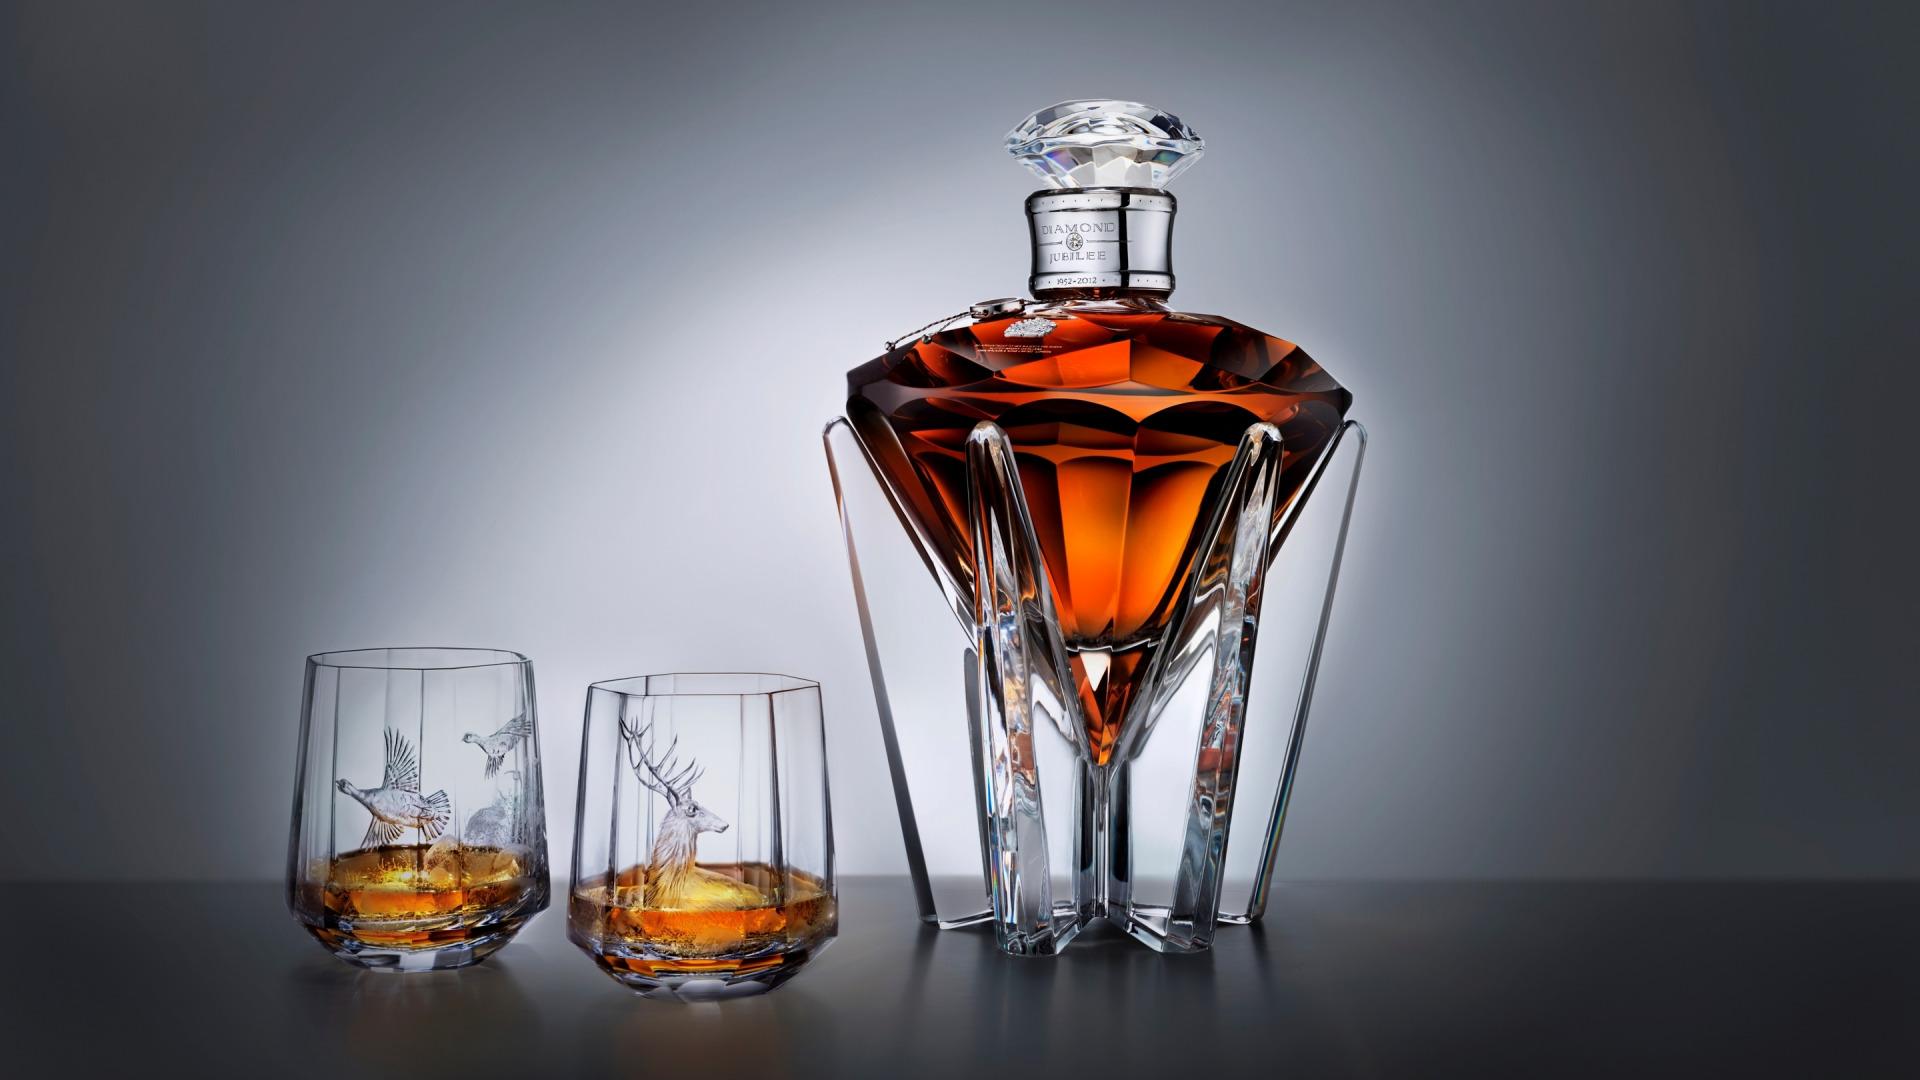 красивые картинки для рабочего стола алкоголь классификация датчиков пламени